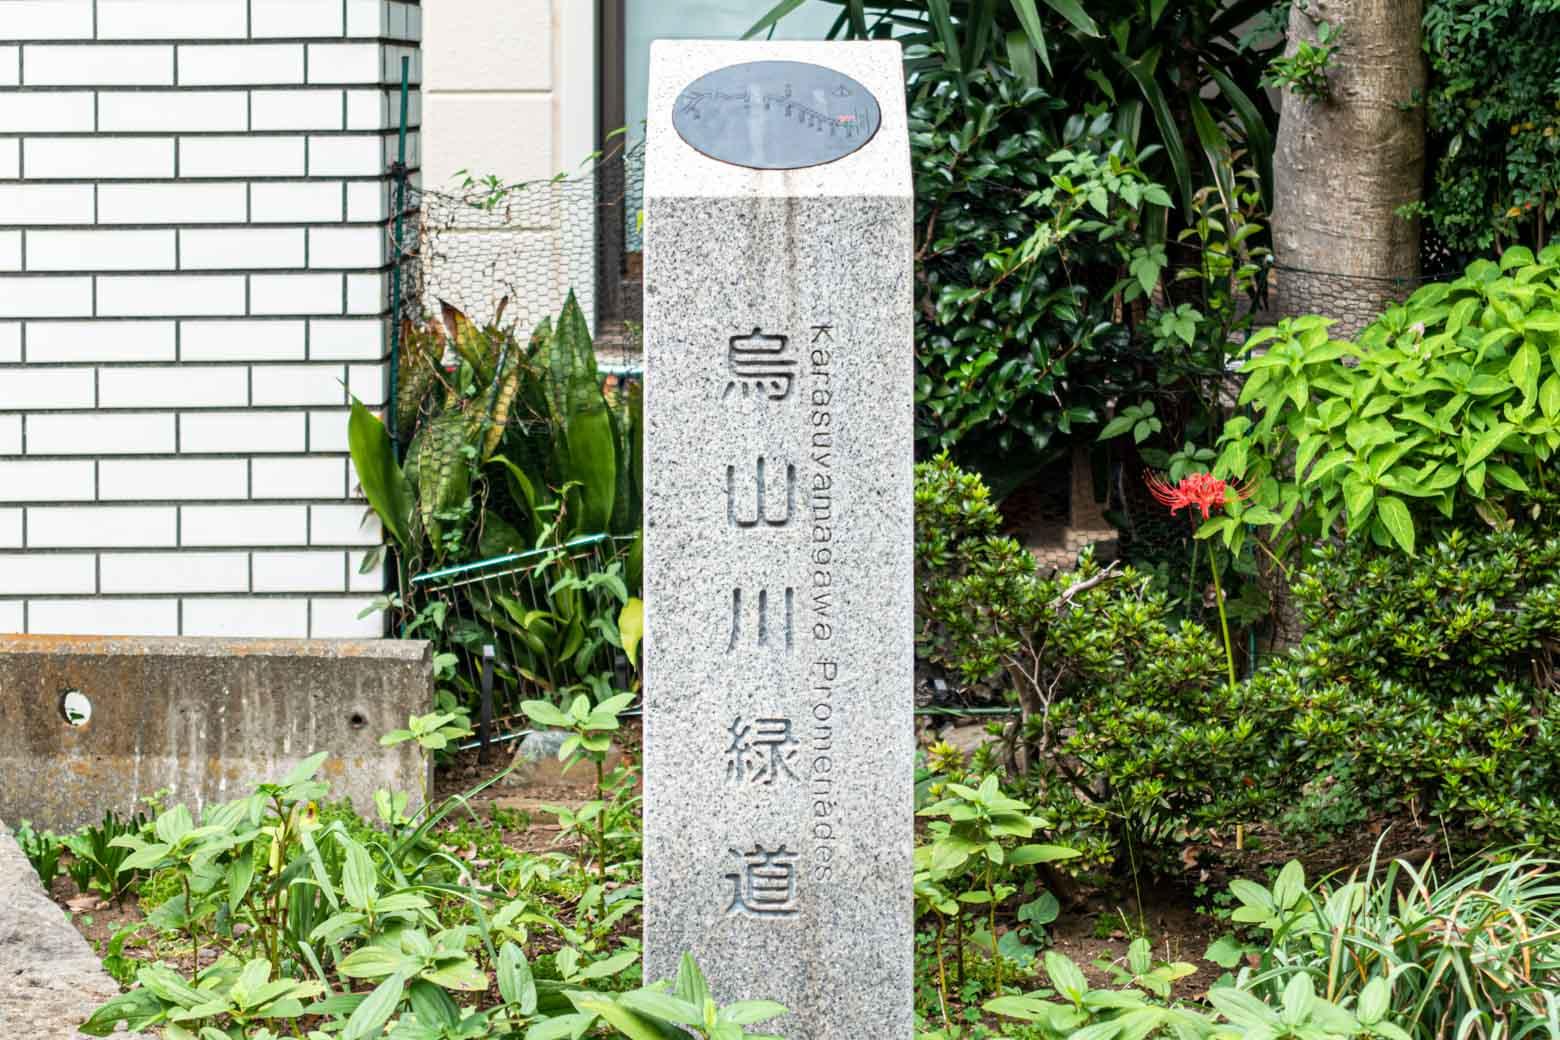 〈烏山川緑道〉というそうです。三宿と千歳台を結ぶ約7キロの緑道で、その途中には松陰神社や豪徳寺など由緒ある神社仏閣が点在しています。お休みの日には歴史散歩を楽しむのもよさそうですね。